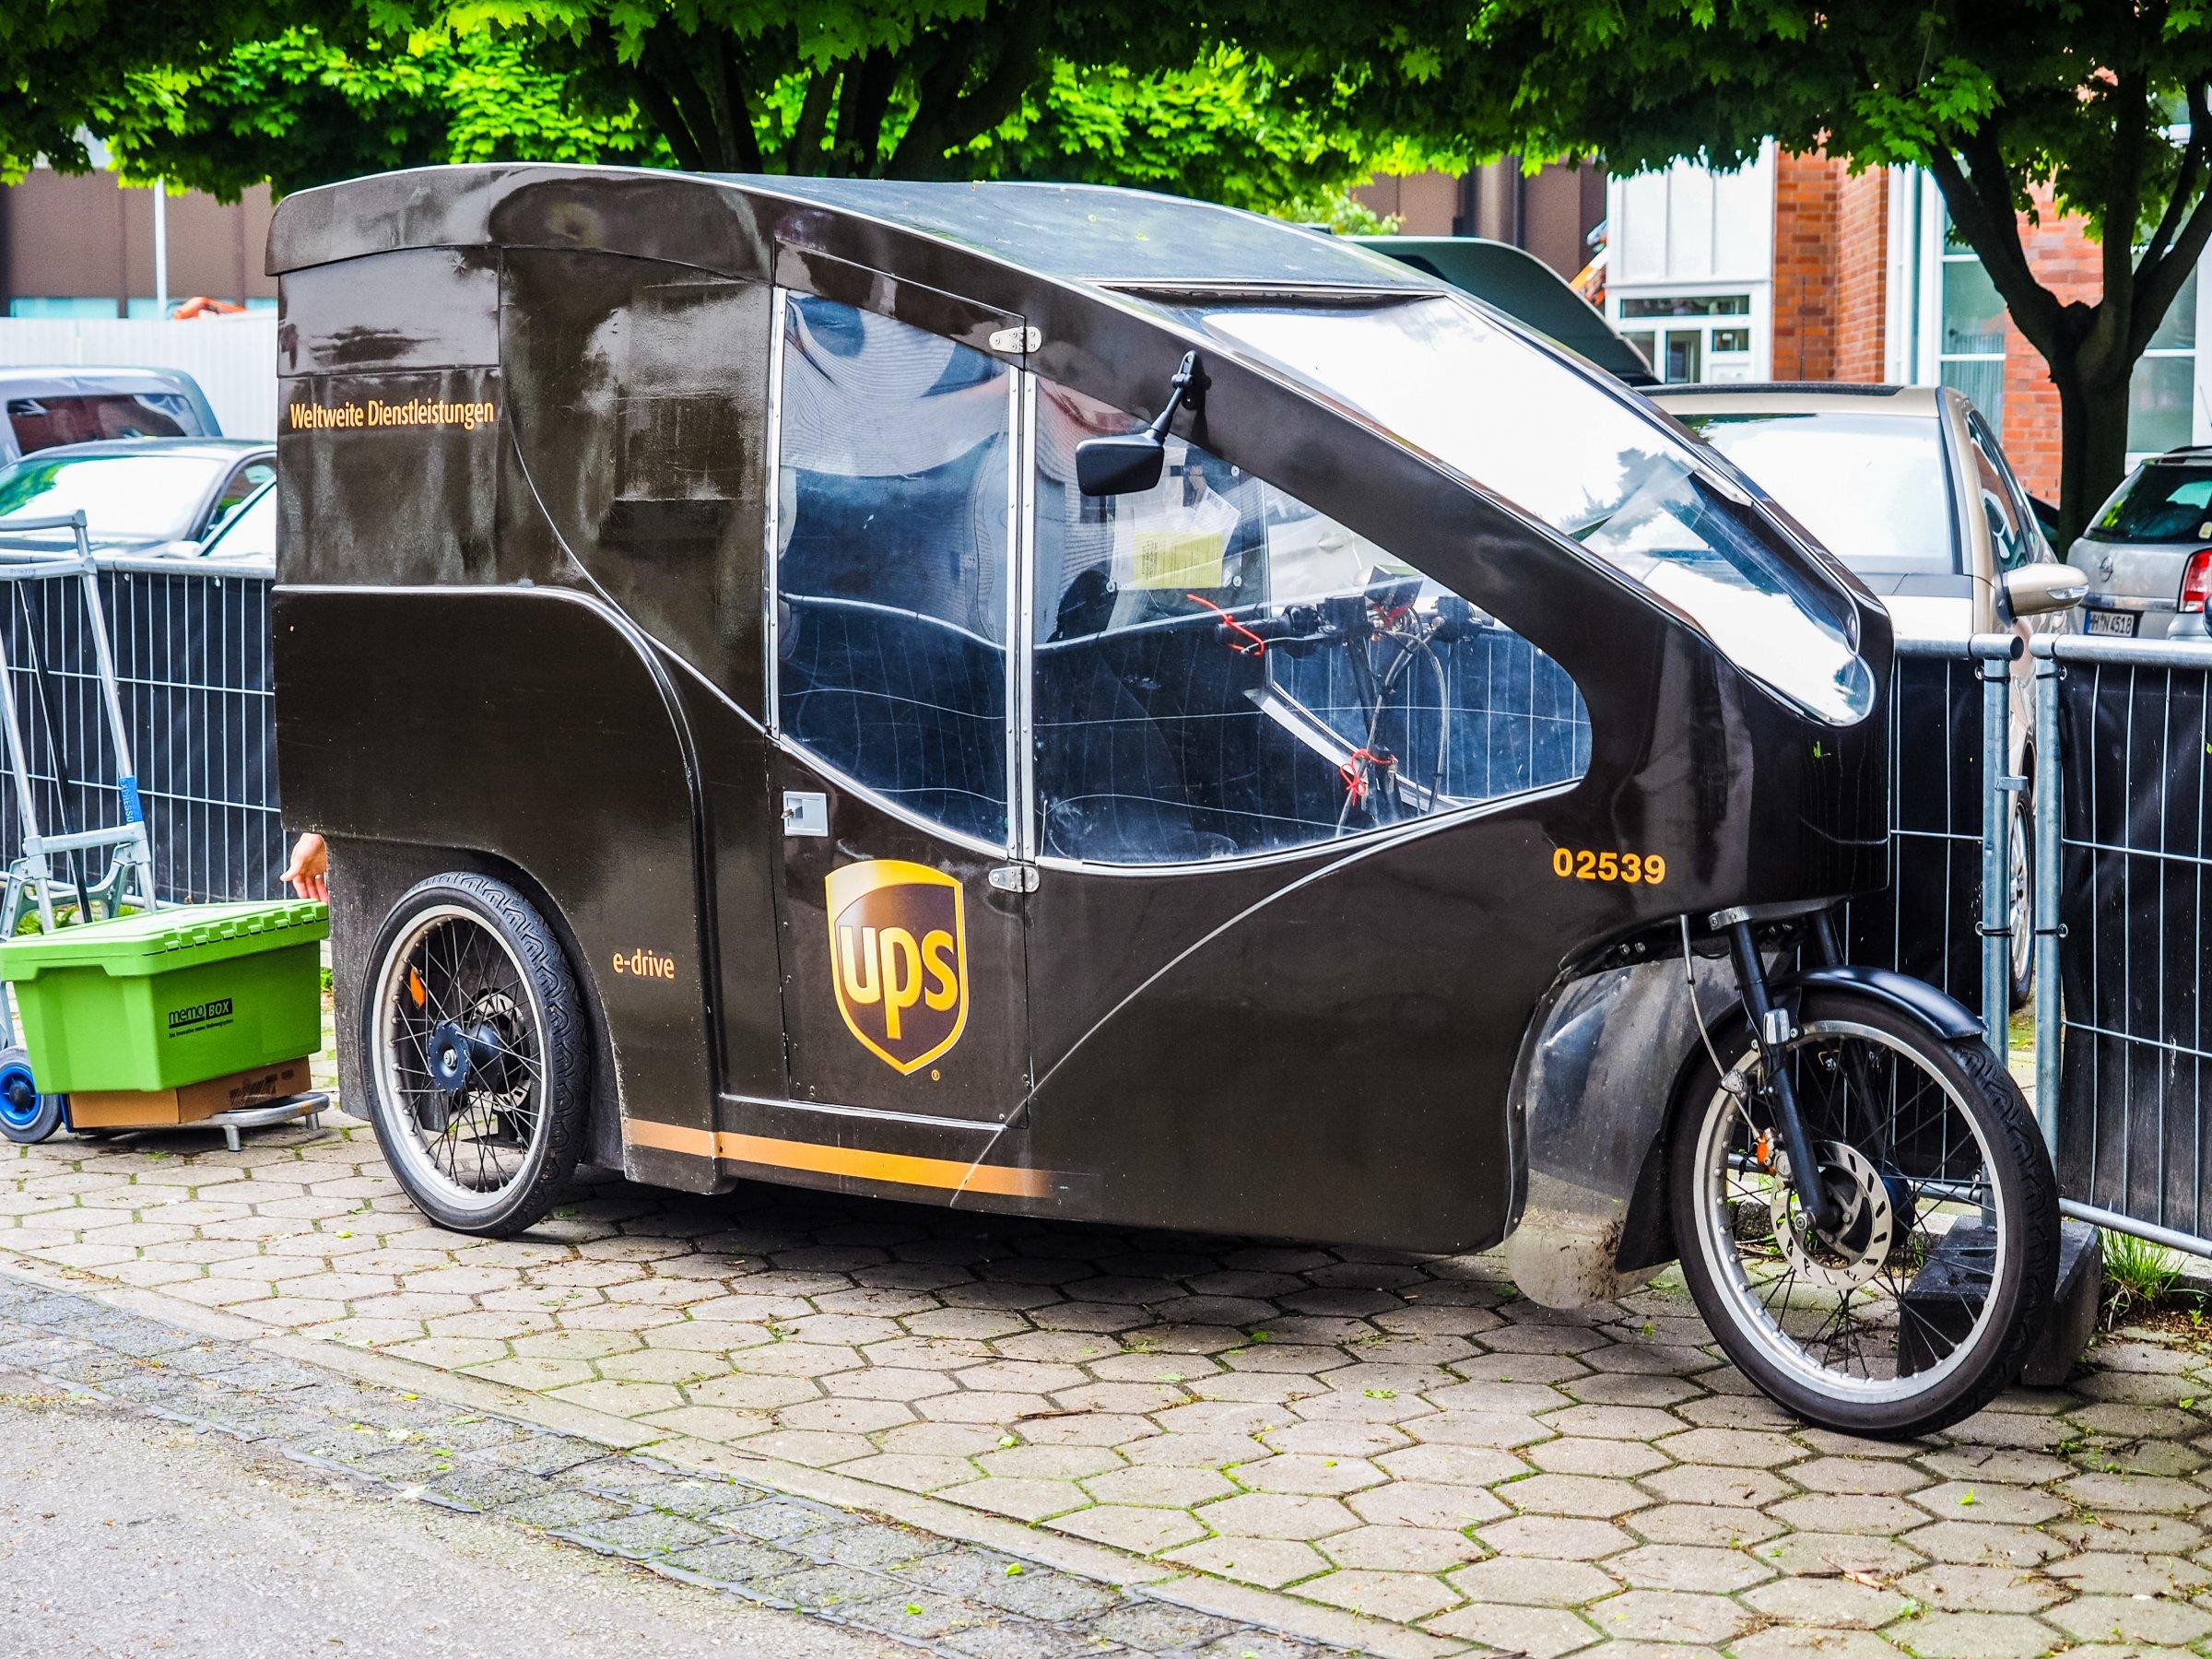 ea504950b73 Forbrugerne kræver bæredygtig levering | CSR.dk